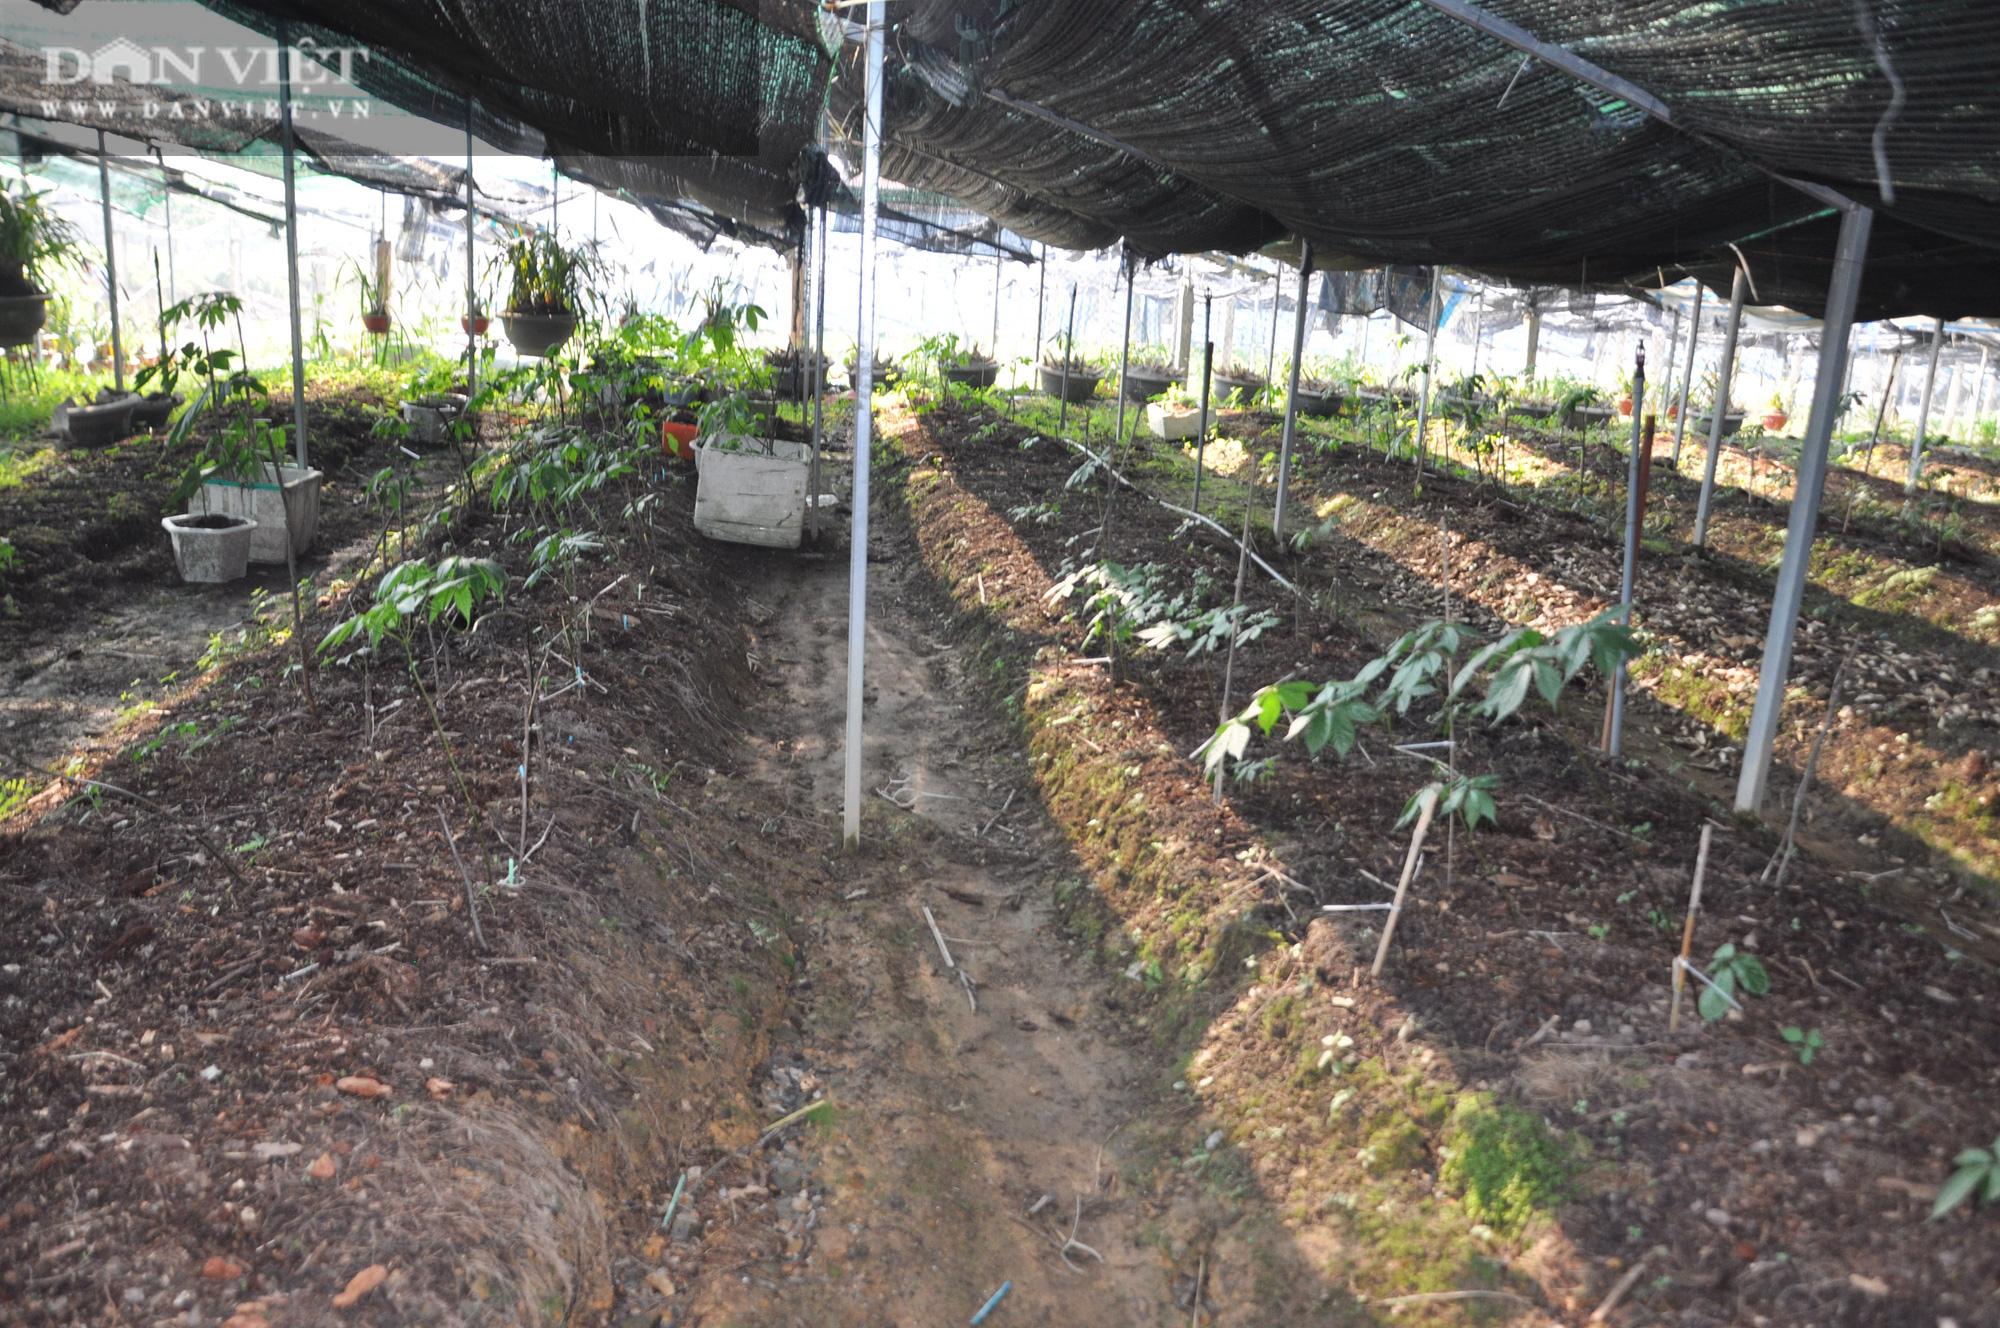 Bất ngờ: Nông dân huyện biên giới lần đầu thuần phục thành công loài sâm rừng, có loại trị giá 200 triệu đồng/kg - Ảnh 5.